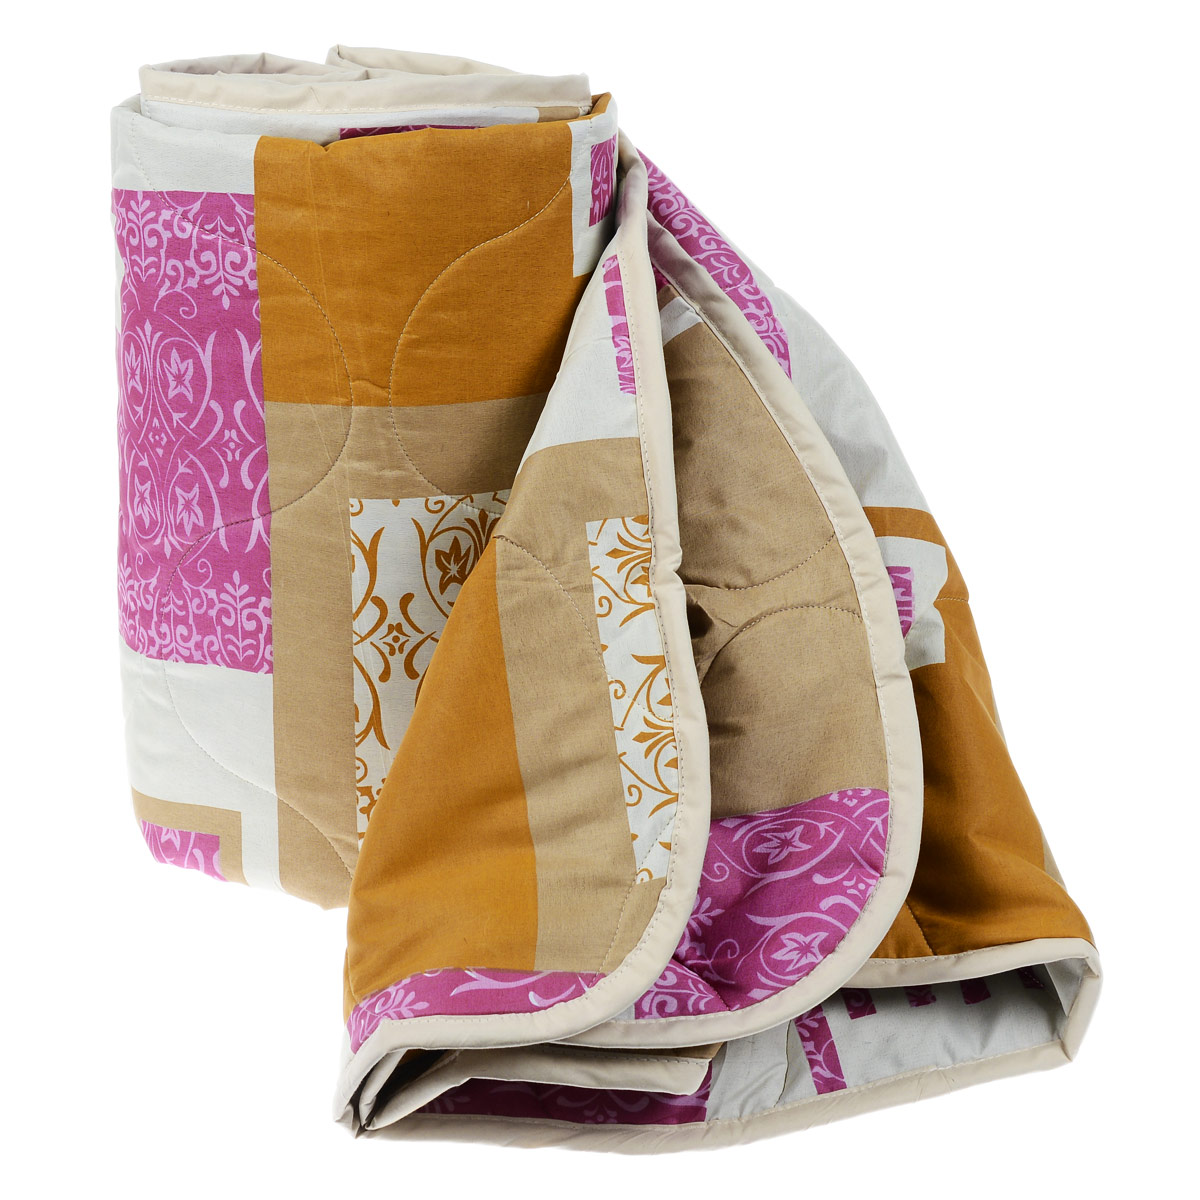 Одеяло всесезонное OL-Tex Miotex, наполнитель: полиэфирное волокно Holfiteks, цвет: коричневый, оранжевый, 172 см х 205 смМХПЭ-18-3 коричневый, оранжевыйВсесезонное одеяло OL-Tex Miotex создаст комфорт и уют во время сна. Стеганый чехол выполнен из полиэстера и оформлен красивым рисунком. Внутри - наполнитель из полиэфирного высокосиликонизированного волокна Holfiteks, упругий и качественный. Холфитекс - современный экологически чистый синтетический материал, изготовленный по новейшим технологиям. Его уникальность заключается в расположении волокон, которые позволяют моментально восстанавливать форму и сохранять ее долгое время. Изделия с использованием Холфитекса очень удобны в эксплуатации - их можно часто стирать без потери потребительских свойств, они быстро высыхают, не впитывают запахов и совершенно гиппоаллергенны. Холфитекс также обеспечивает хорошую терморегуляцию, поэтому изделия с наполнителем из холфитекса очень комфортны в использовании. Одеяло с наполнителем Холфитекс порадует вас в любое время года. Оно комфортно согревает и создает отличный микроклимат. За одеялом легко ухаживать, можно стирать в стиральной машинке.Рекомендации по уходу:- Ручная и машинная стирка при температуре 30°С.- Не гладить.- Не отбеливать. - Нельзя отжимать и сушить в стиральной машине.- Сушить вертикально. Размер одеяла: 172 см х 205 см. Материал чехла: 100% полиэстер. Материал наполнителя: полиэфирное высокосиликонизированное волокно Holfiteks. Плотность: 300 г/м2.